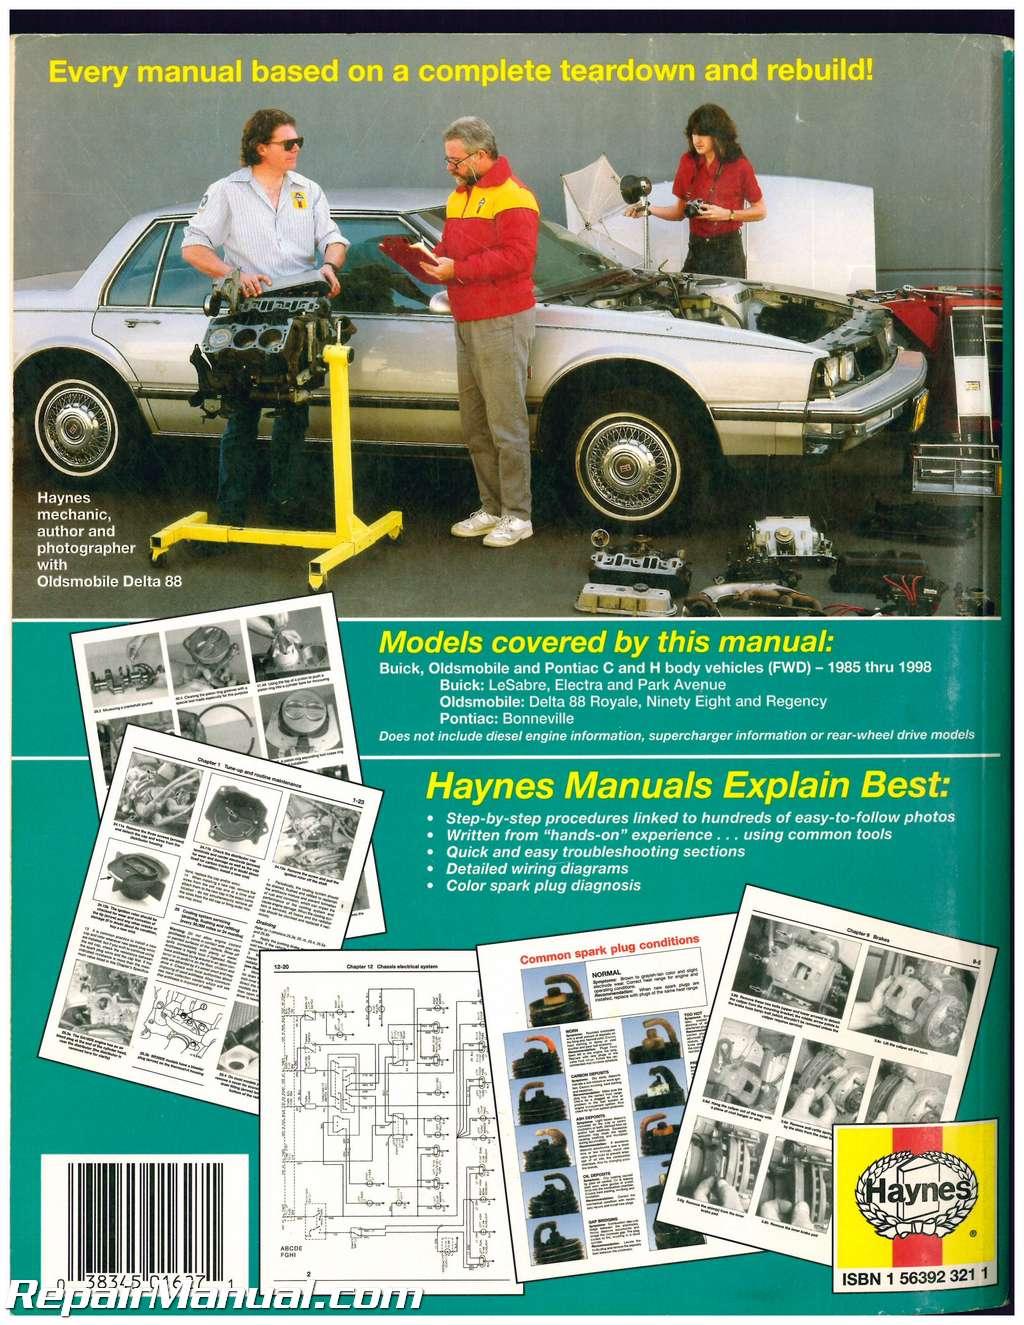 buick oldsmobile pontiac repair manual 1985 1998 haynes used rh repairmanual com 1998 buick park avenue service manual 98 buick park avenue repair manual